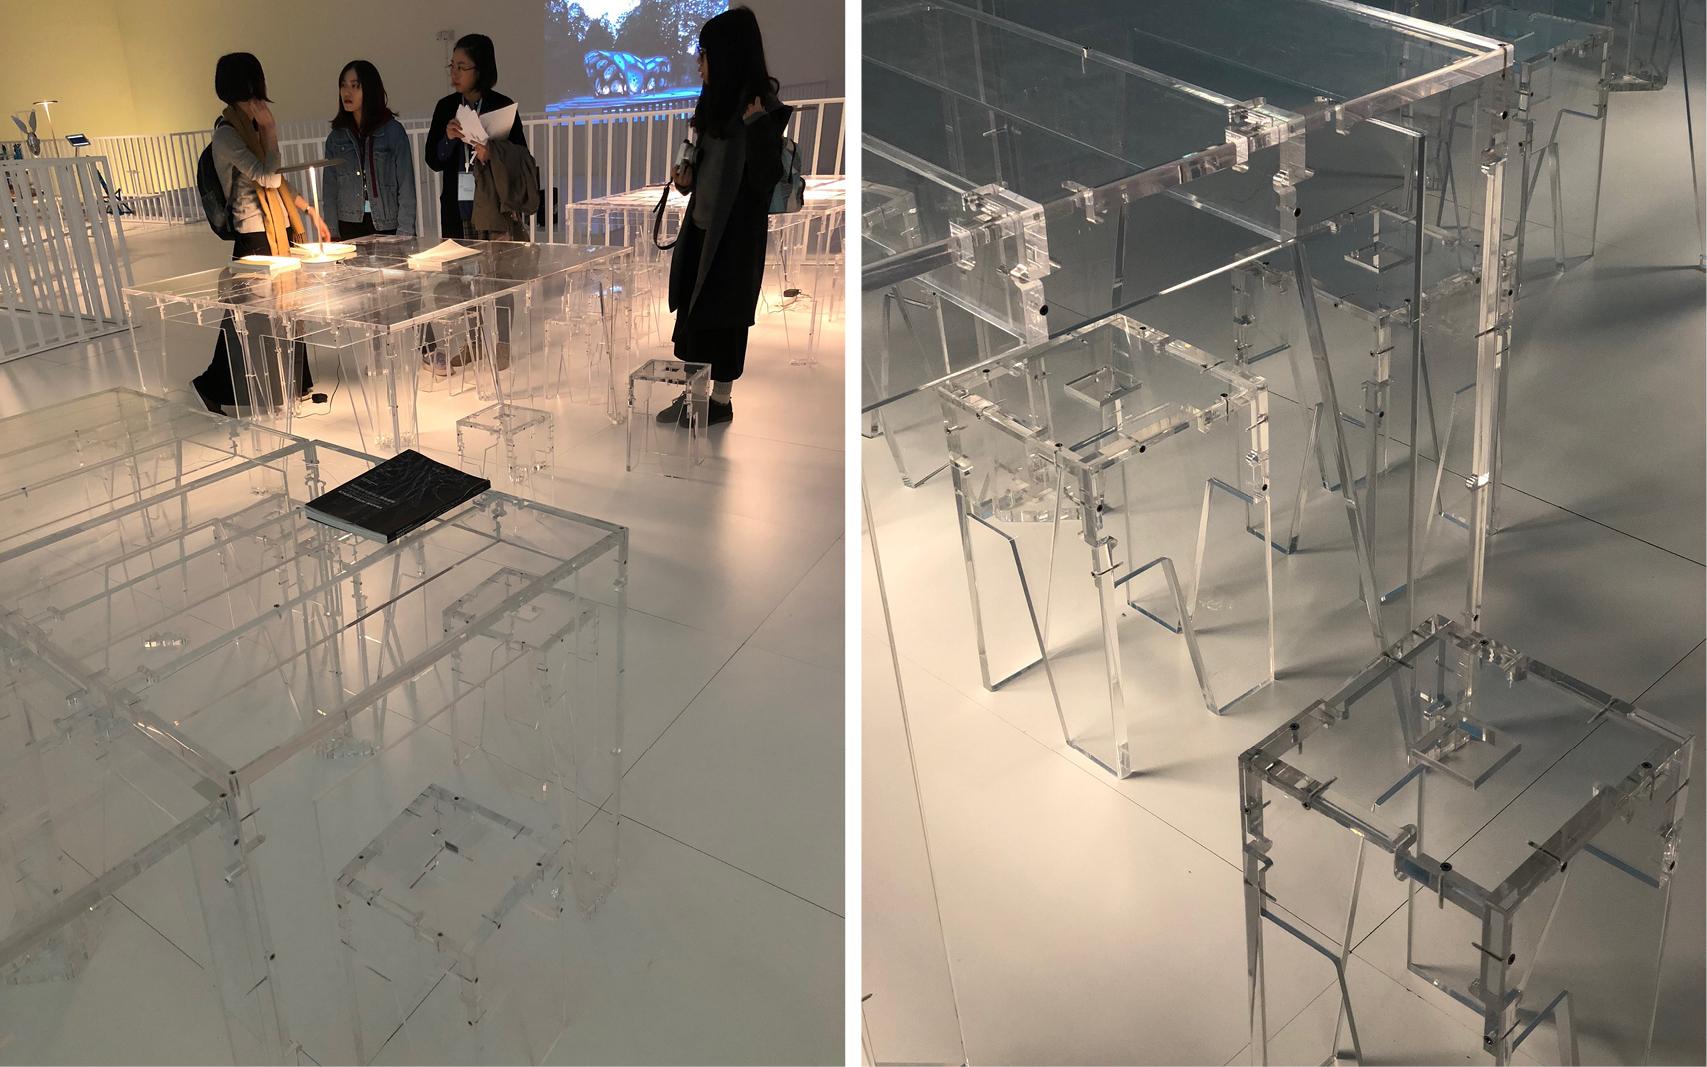 atfab-design-society-mvrdv